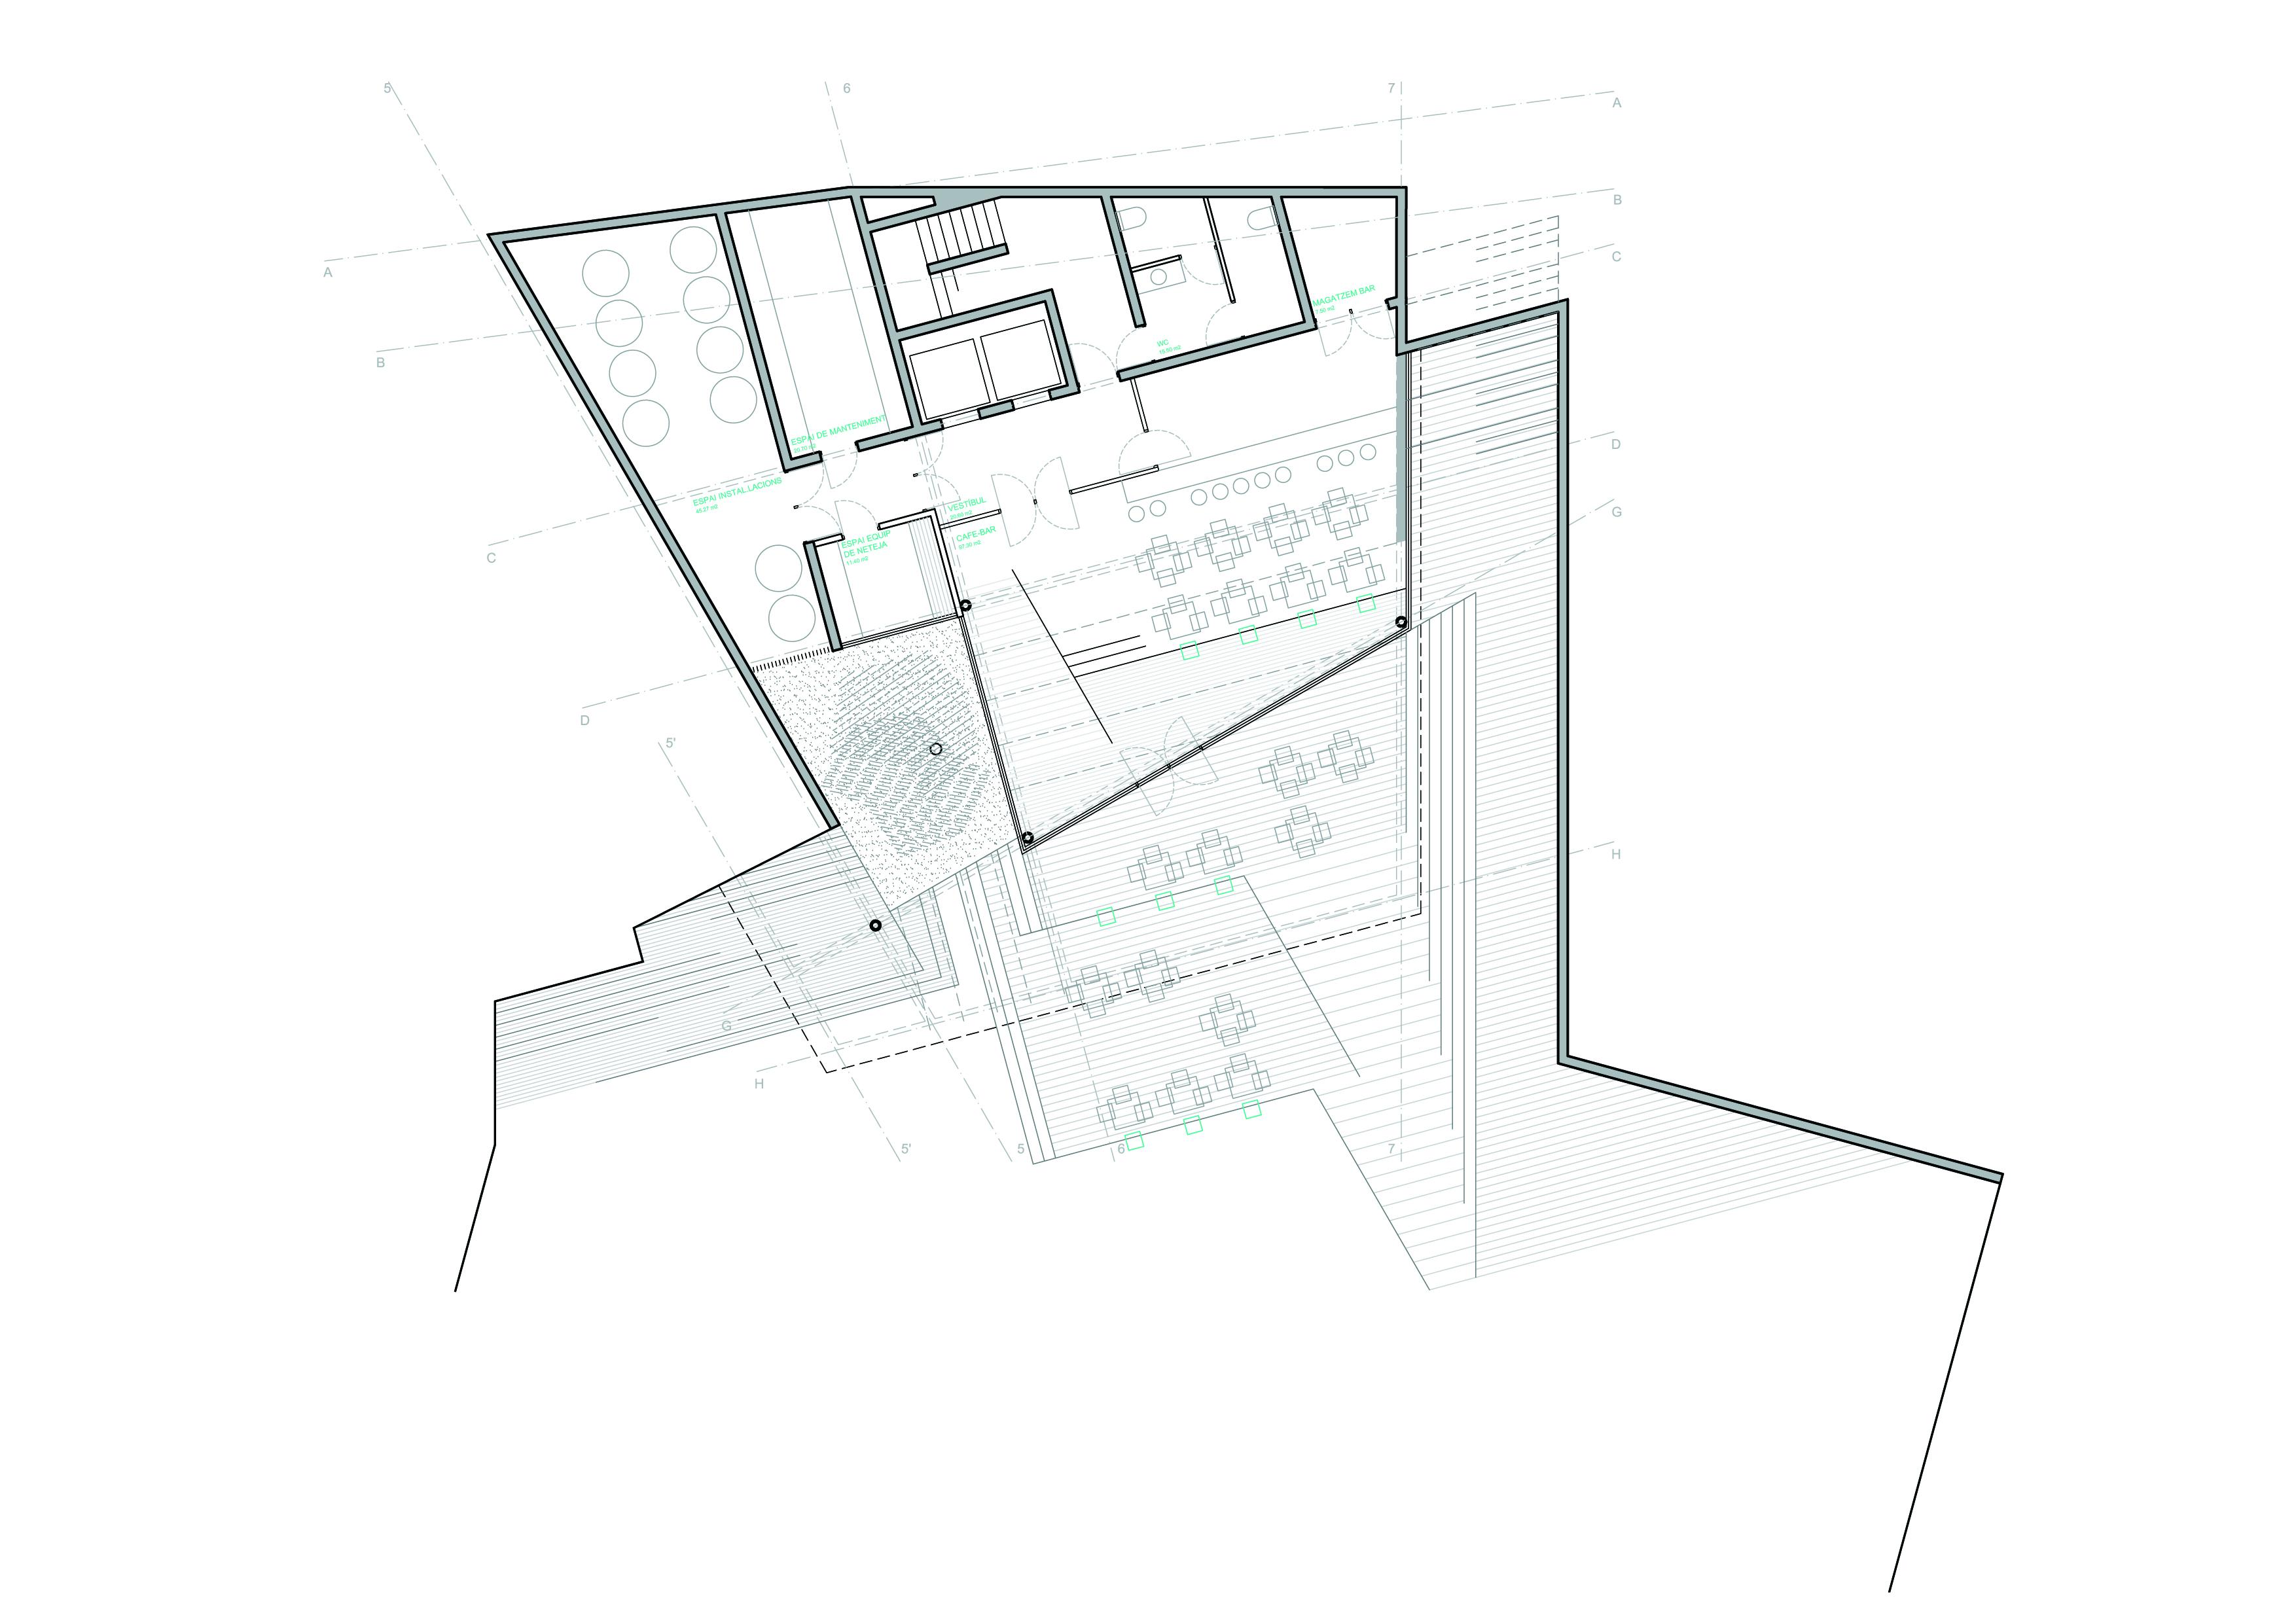 \Carlesdespatx16-Arxiu2010_8UIT1_MATERIAL BASEC1001_Plant